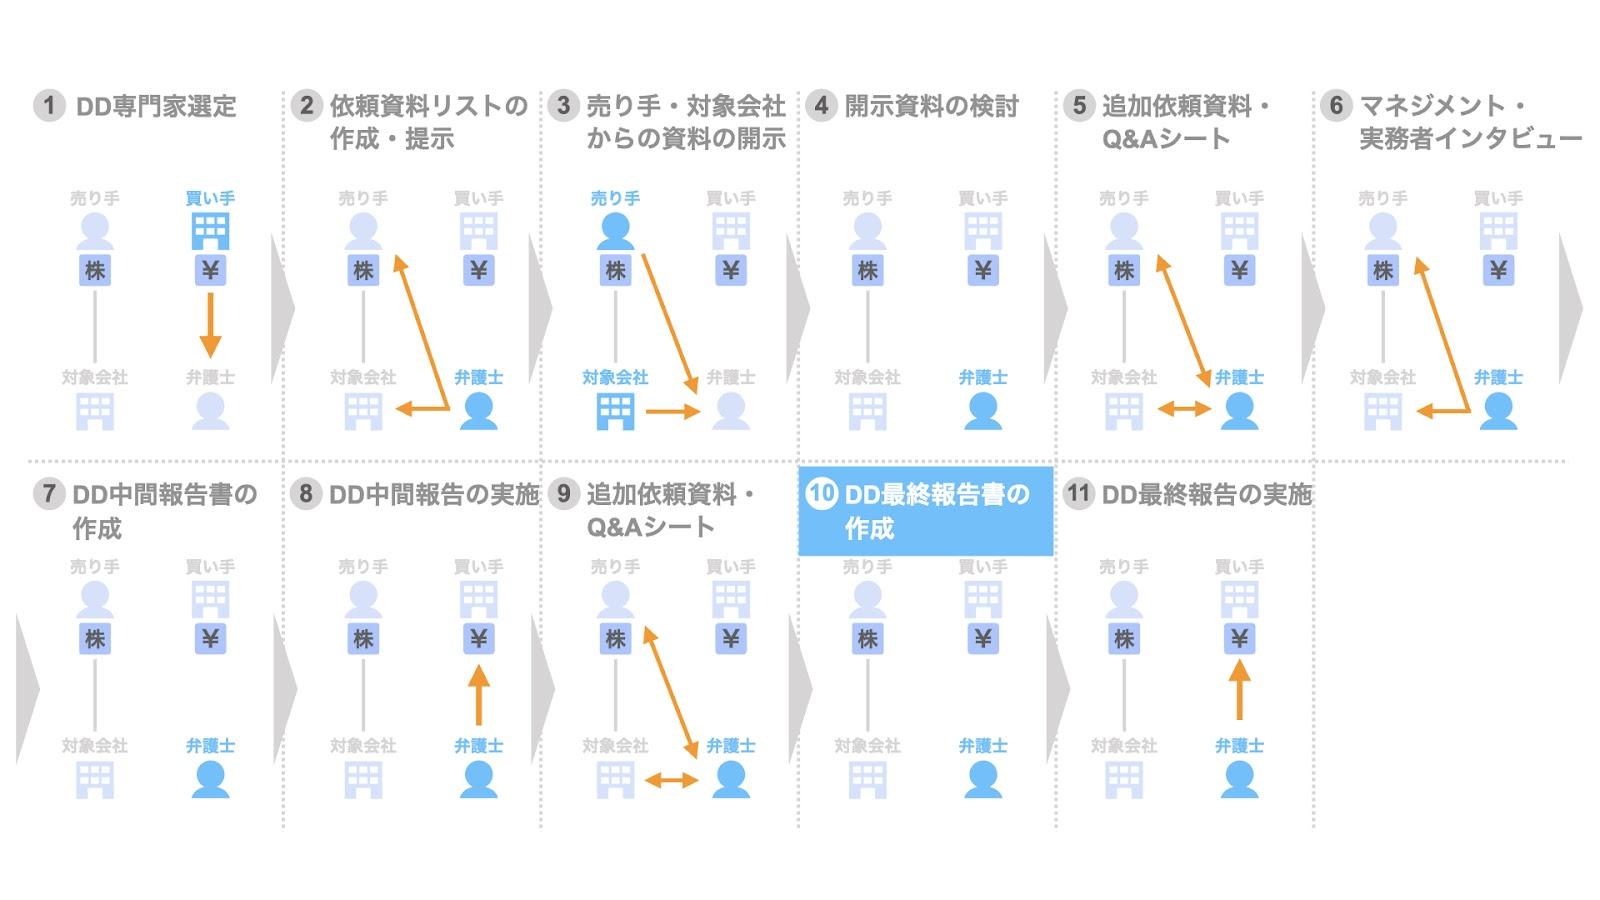 10. DD最終報告書(DD最終レポート)の作成